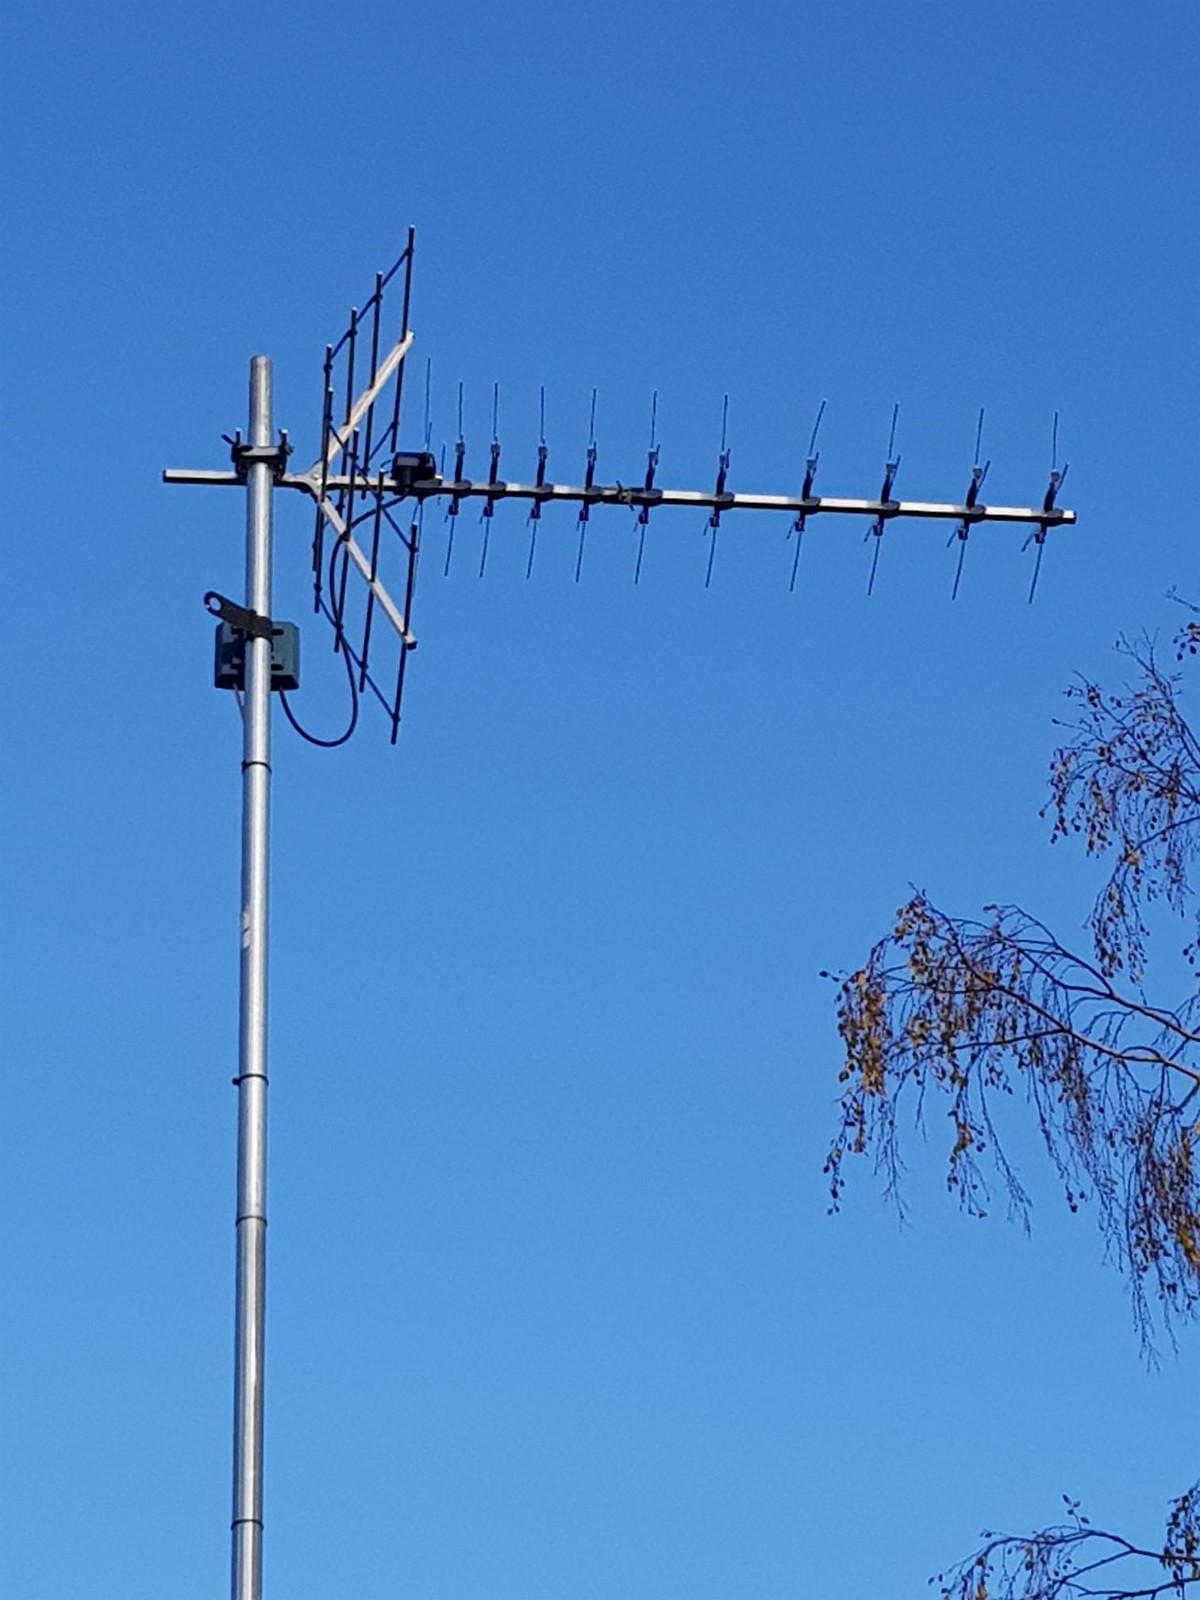 rikstv modem ruter usb stick antenne mobil antenne master r kraftig r r 1 5 lm. Black Bedroom Furniture Sets. Home Design Ideas